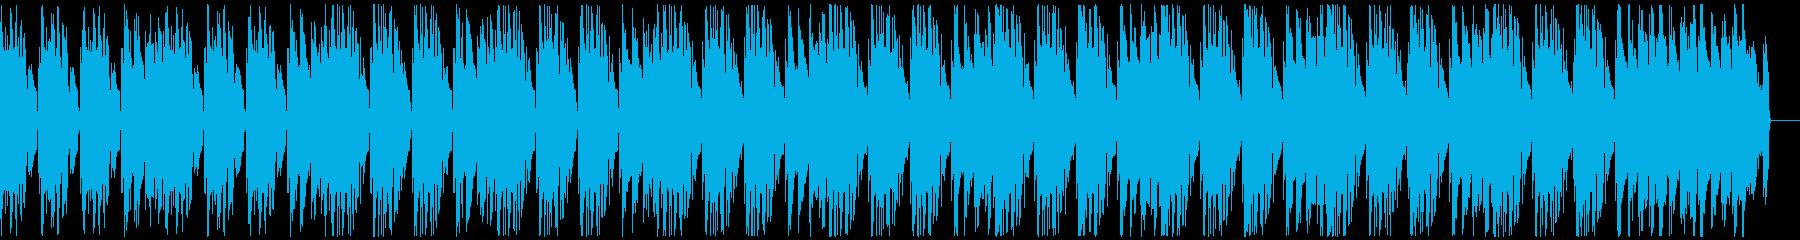 ロボット・出題・シンキングタイムの再生済みの波形